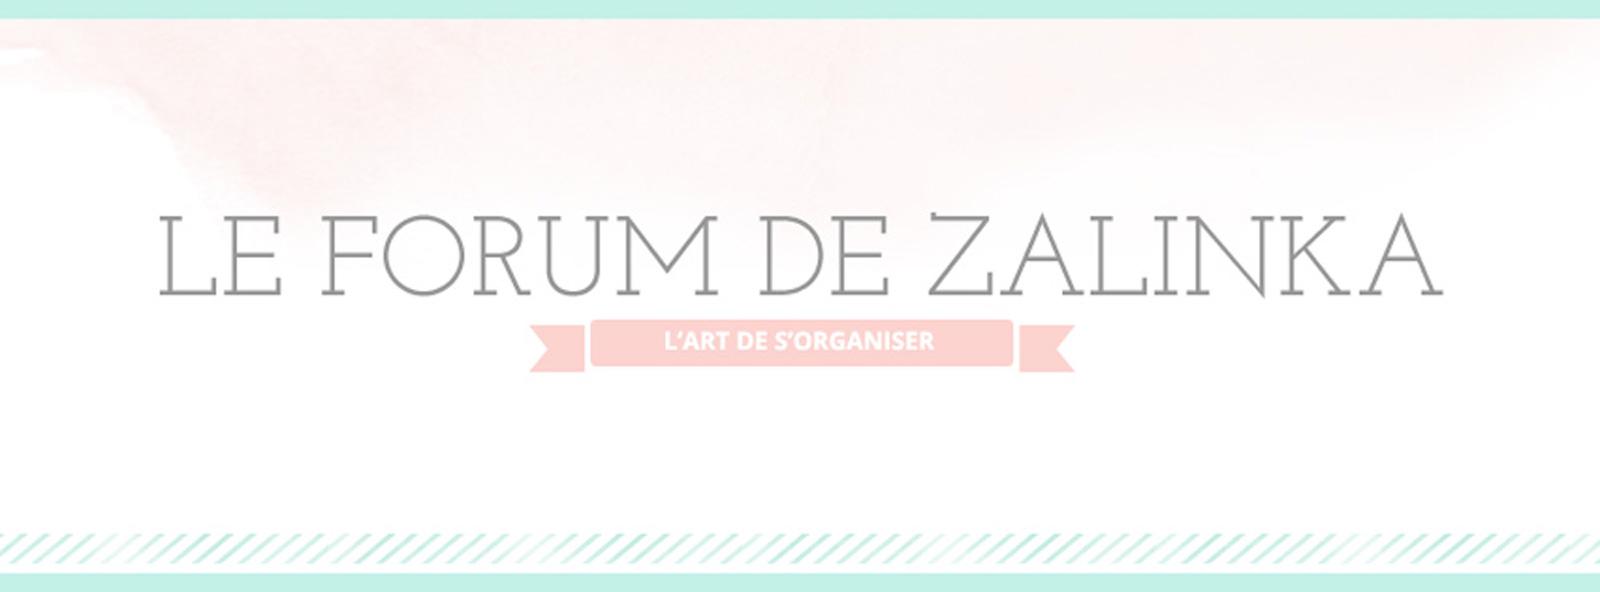 Le Forum de Zalinka pour s'organiser et gagner du temps